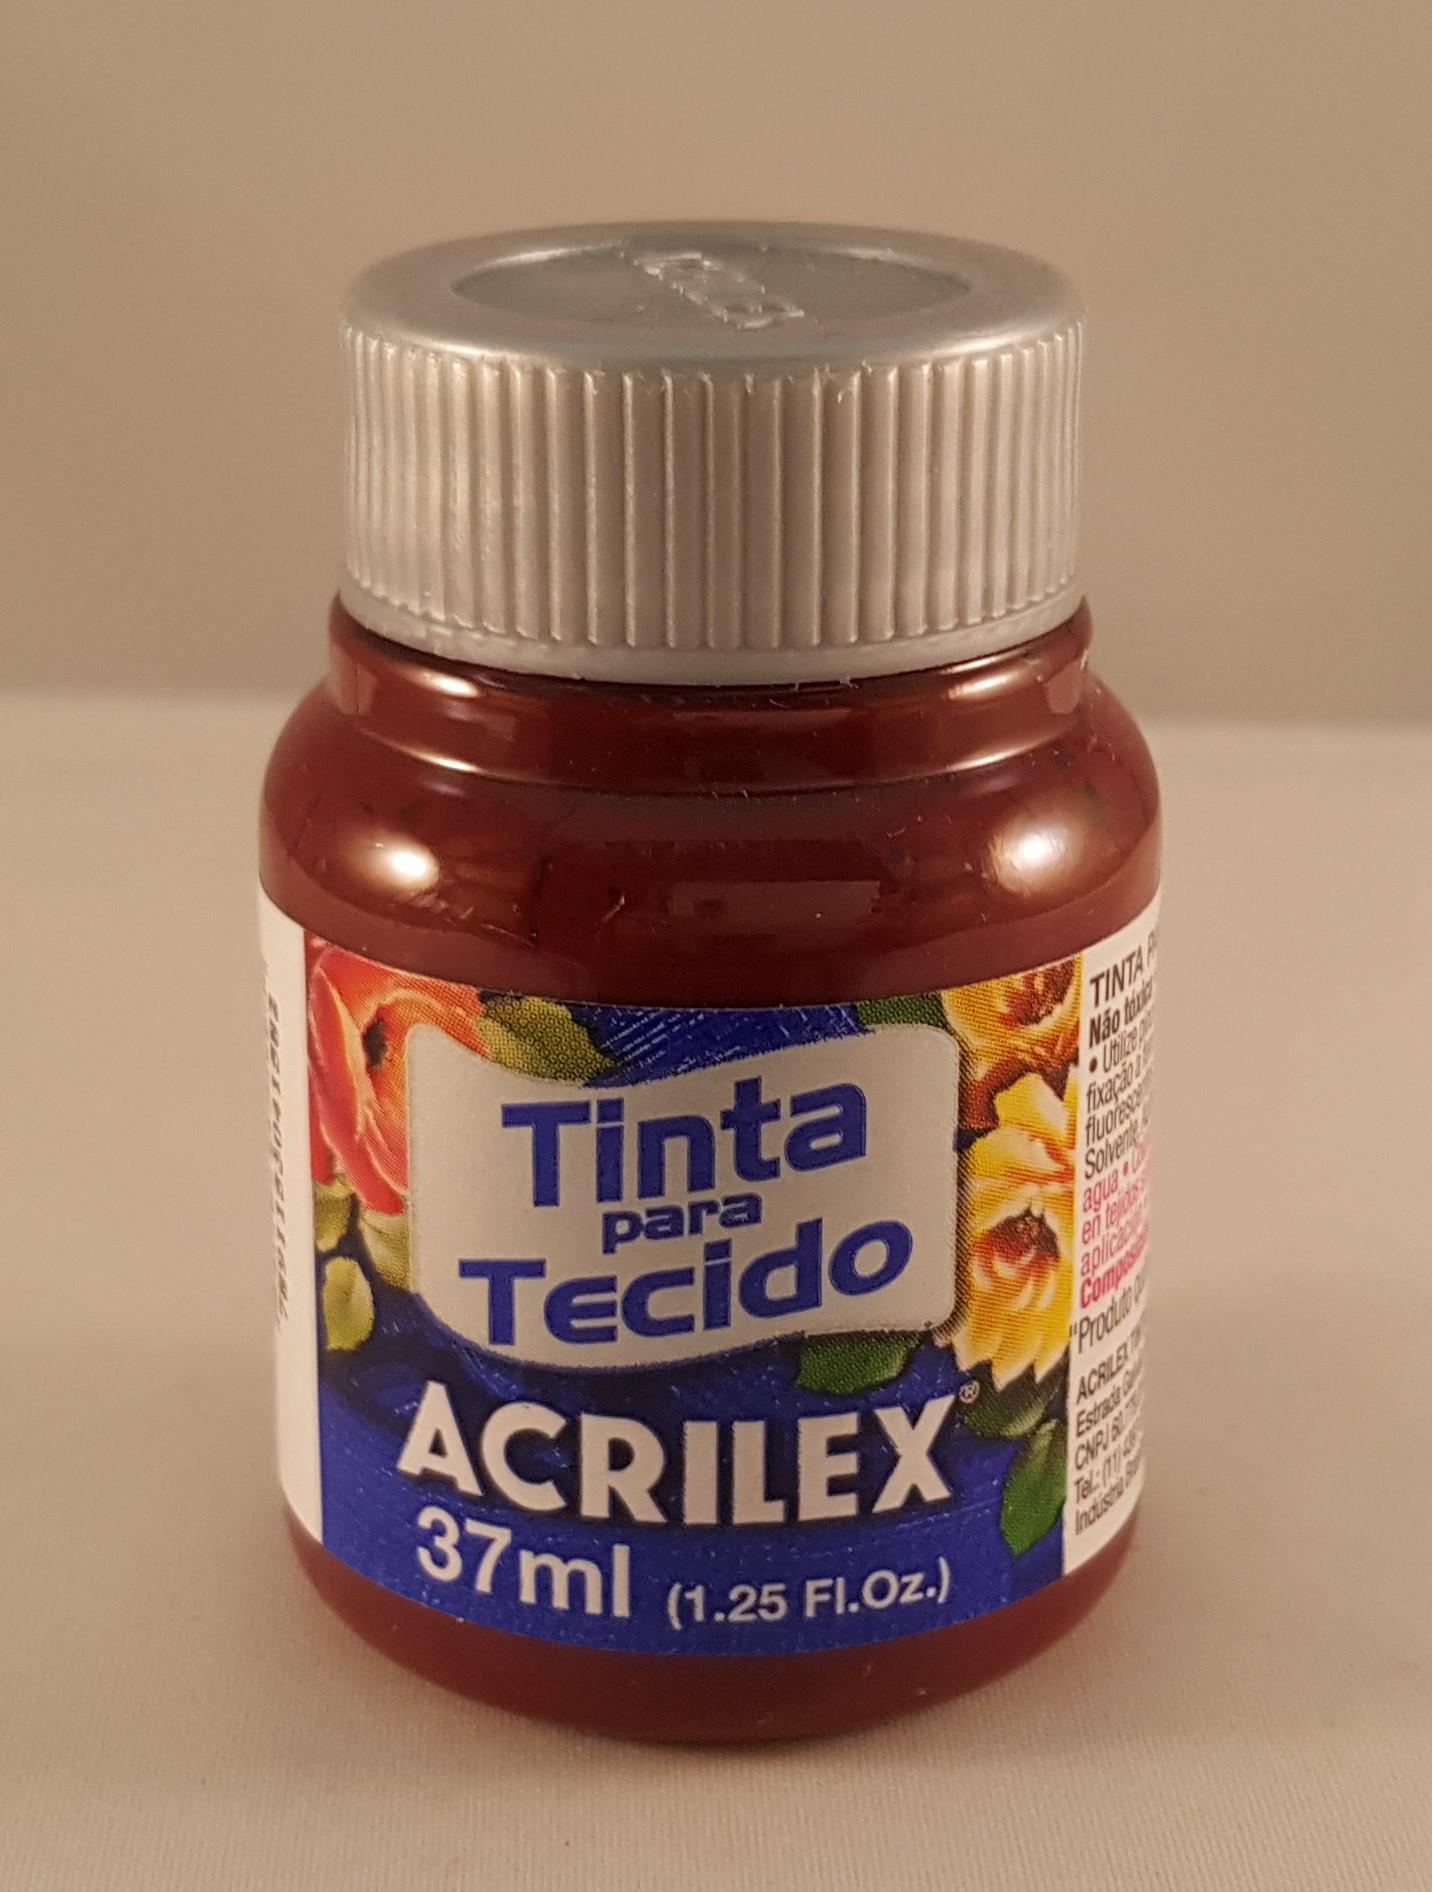 Tinta Tecido Acrilex vinho 565